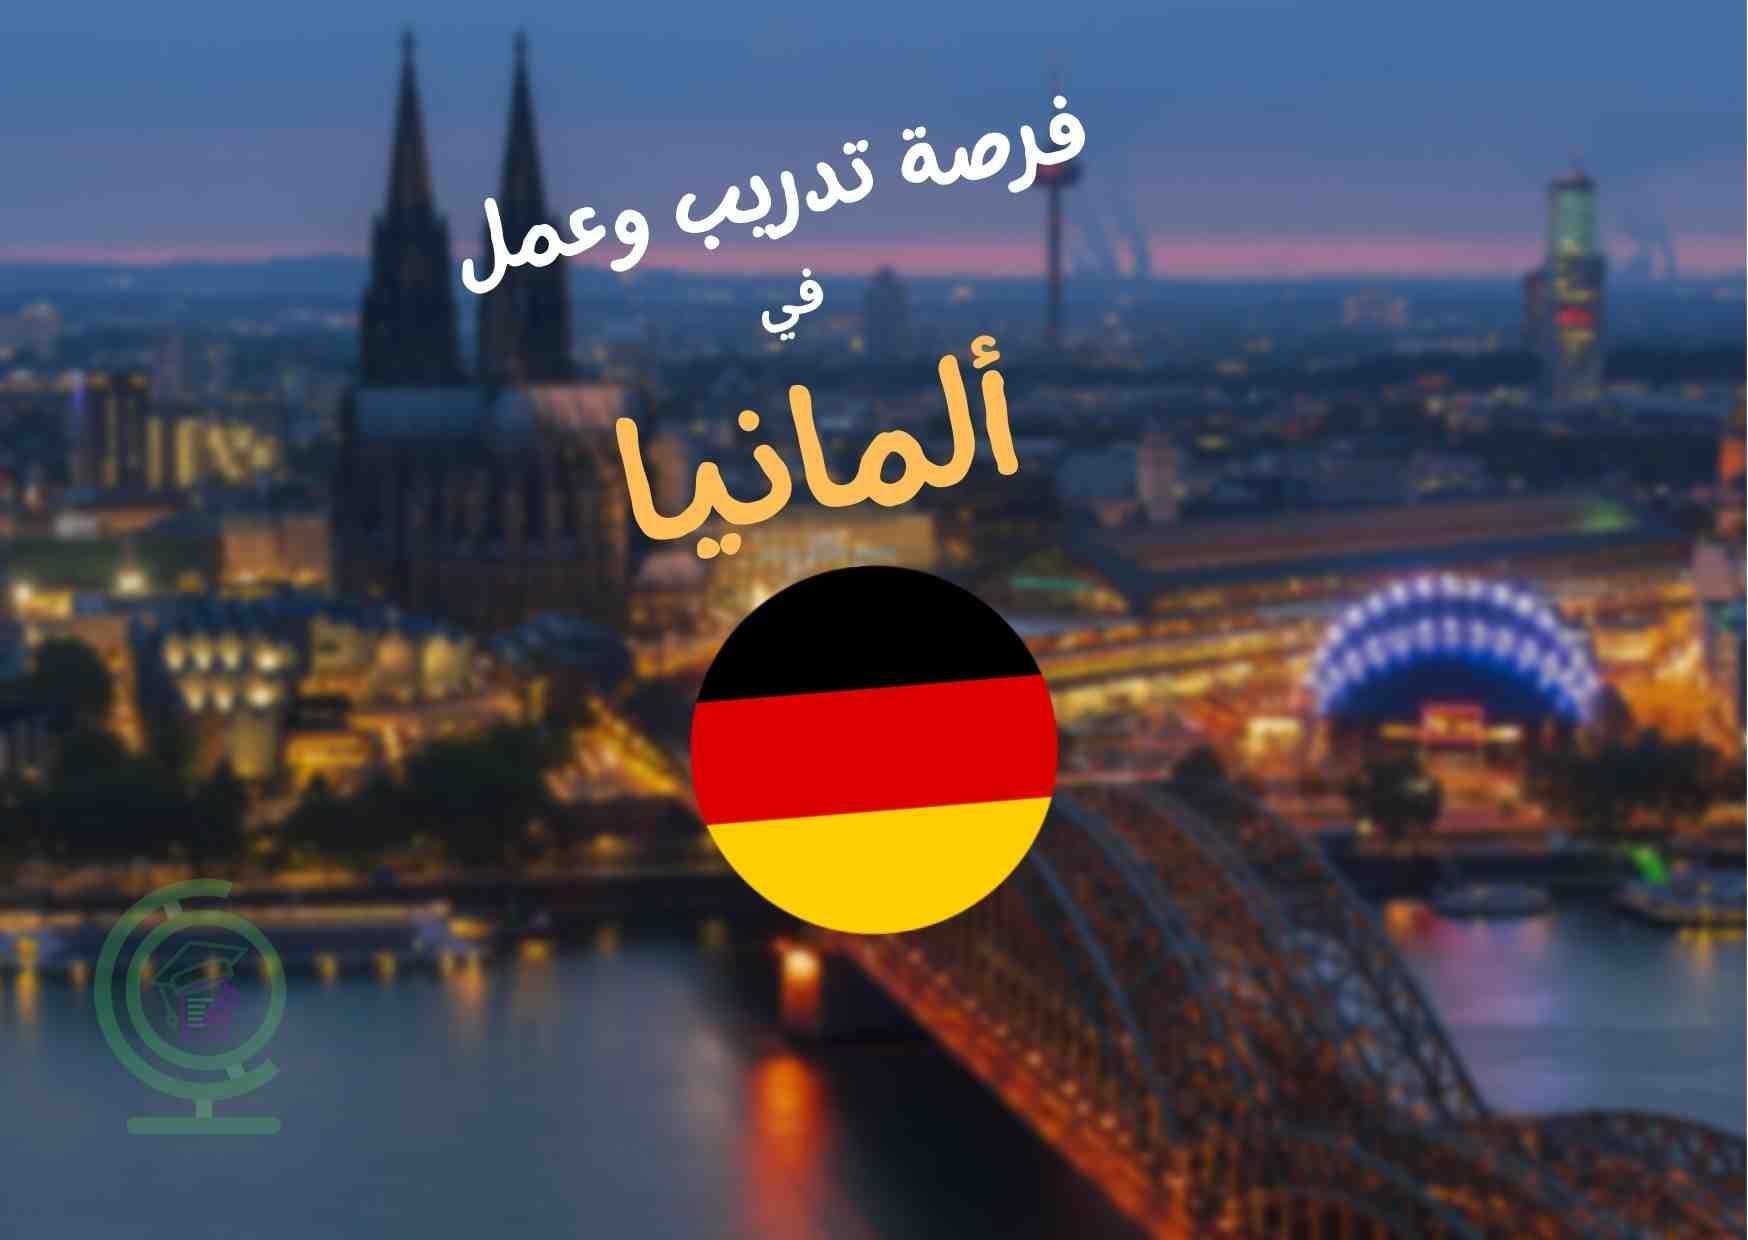 فرصة تدريب في ألمانيا في مجال السياحة 2022 ممولة بالكامل